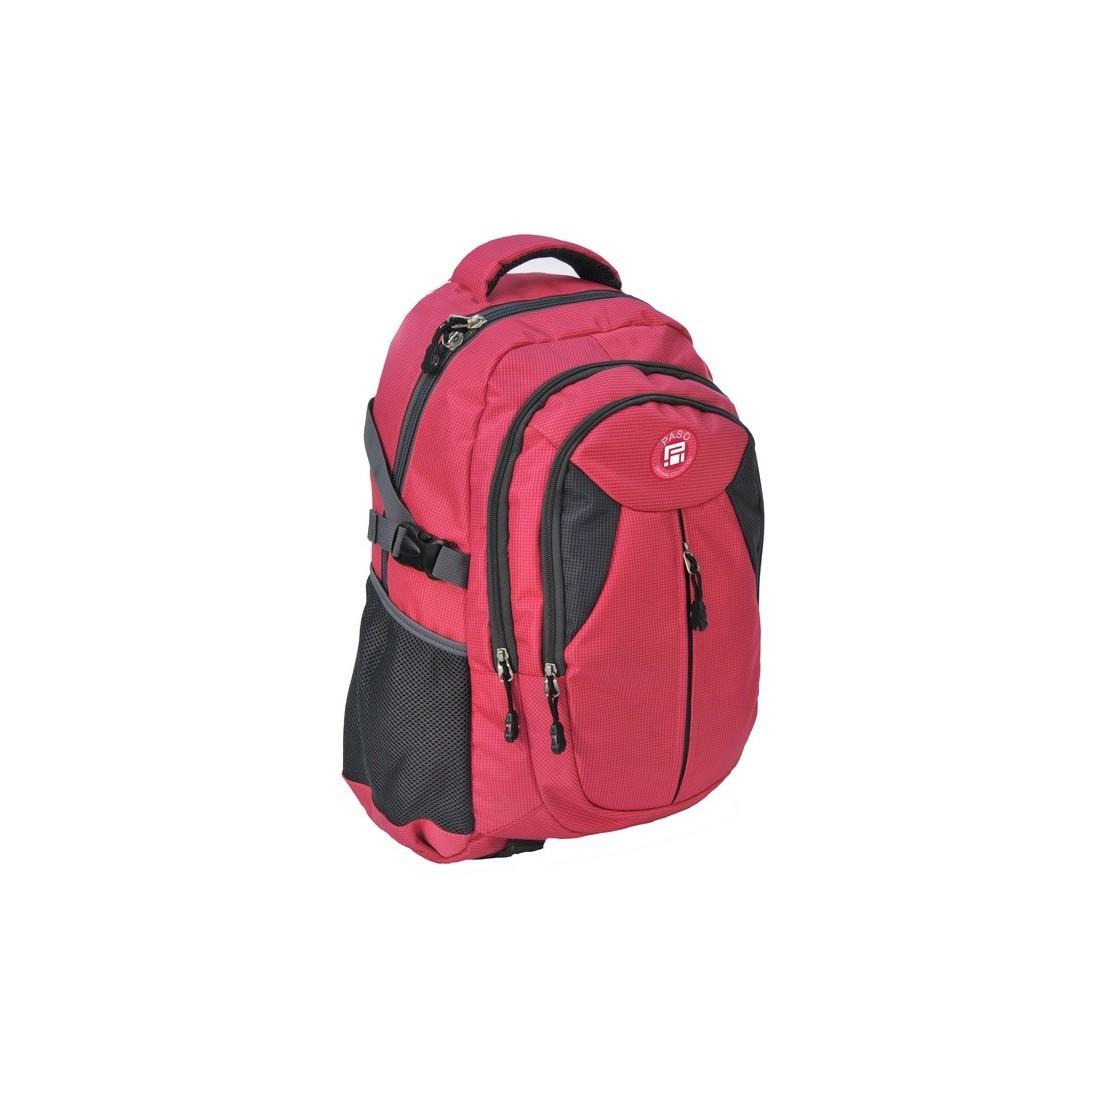 Plecak młodzieżowy różowy